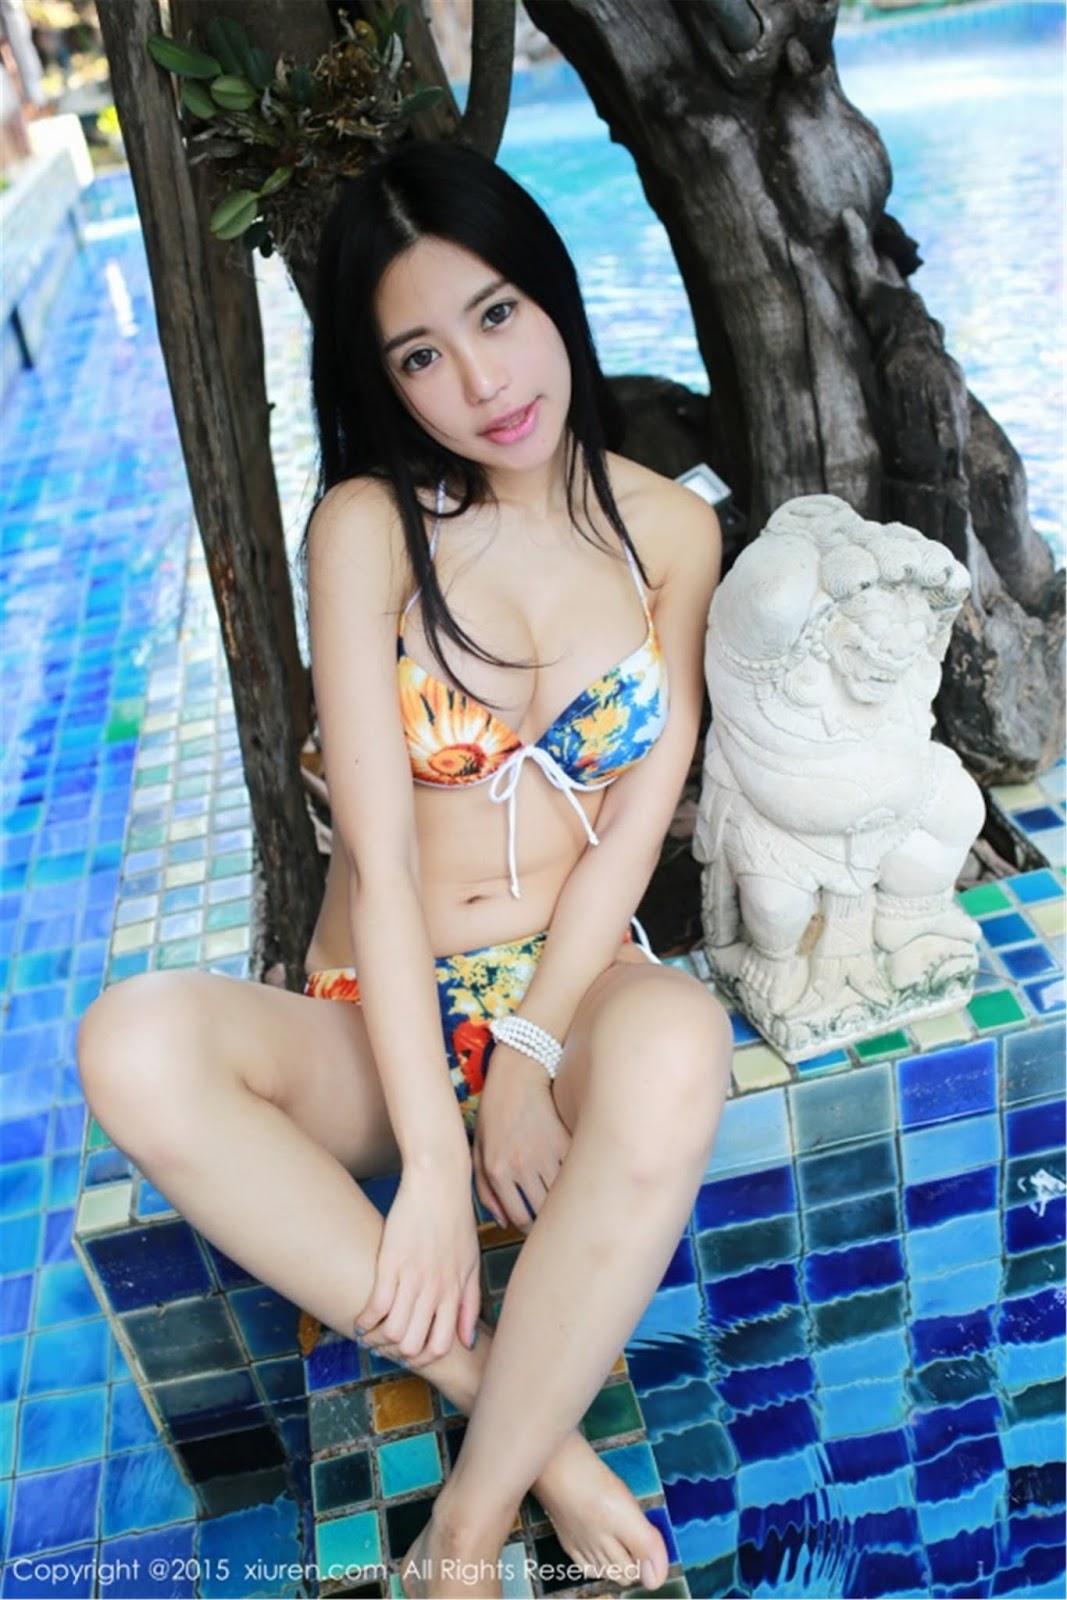 002 - Sexy Photo XIUREN NO.314 Hot Girl